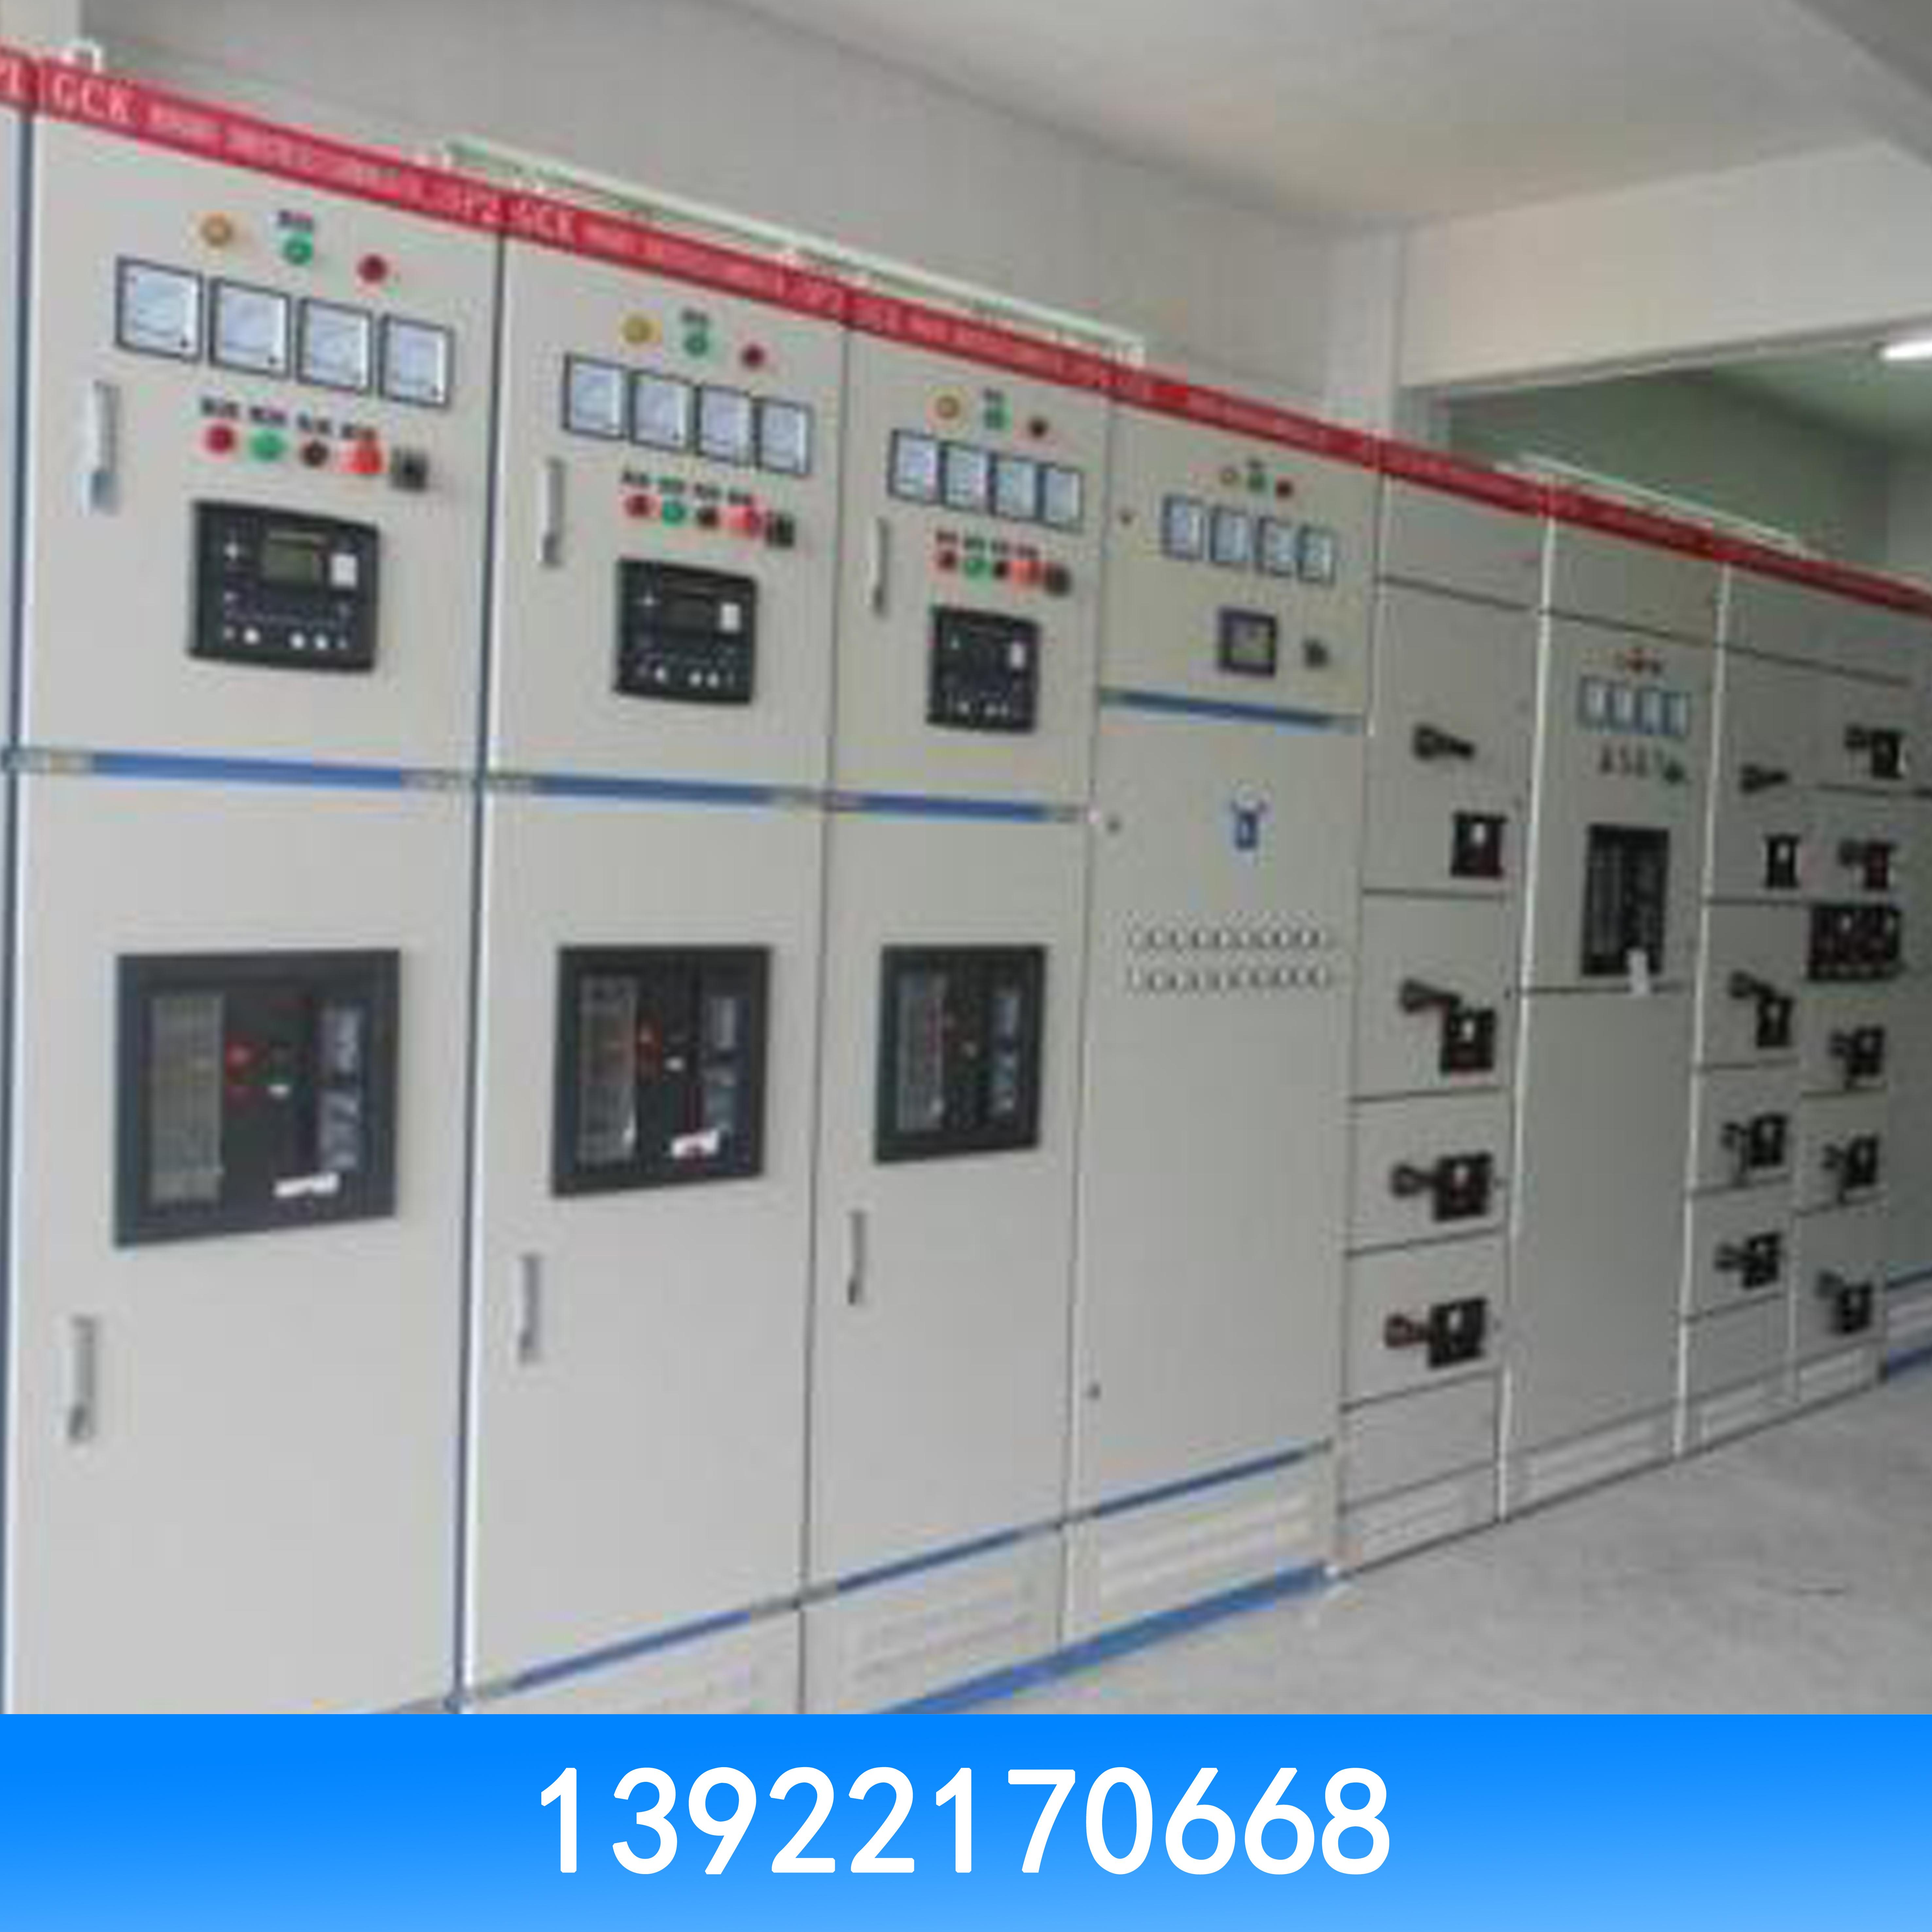 高价回收变压器 回收变压器 回收变压器价格 回收变压器厂家 回收变压器公司